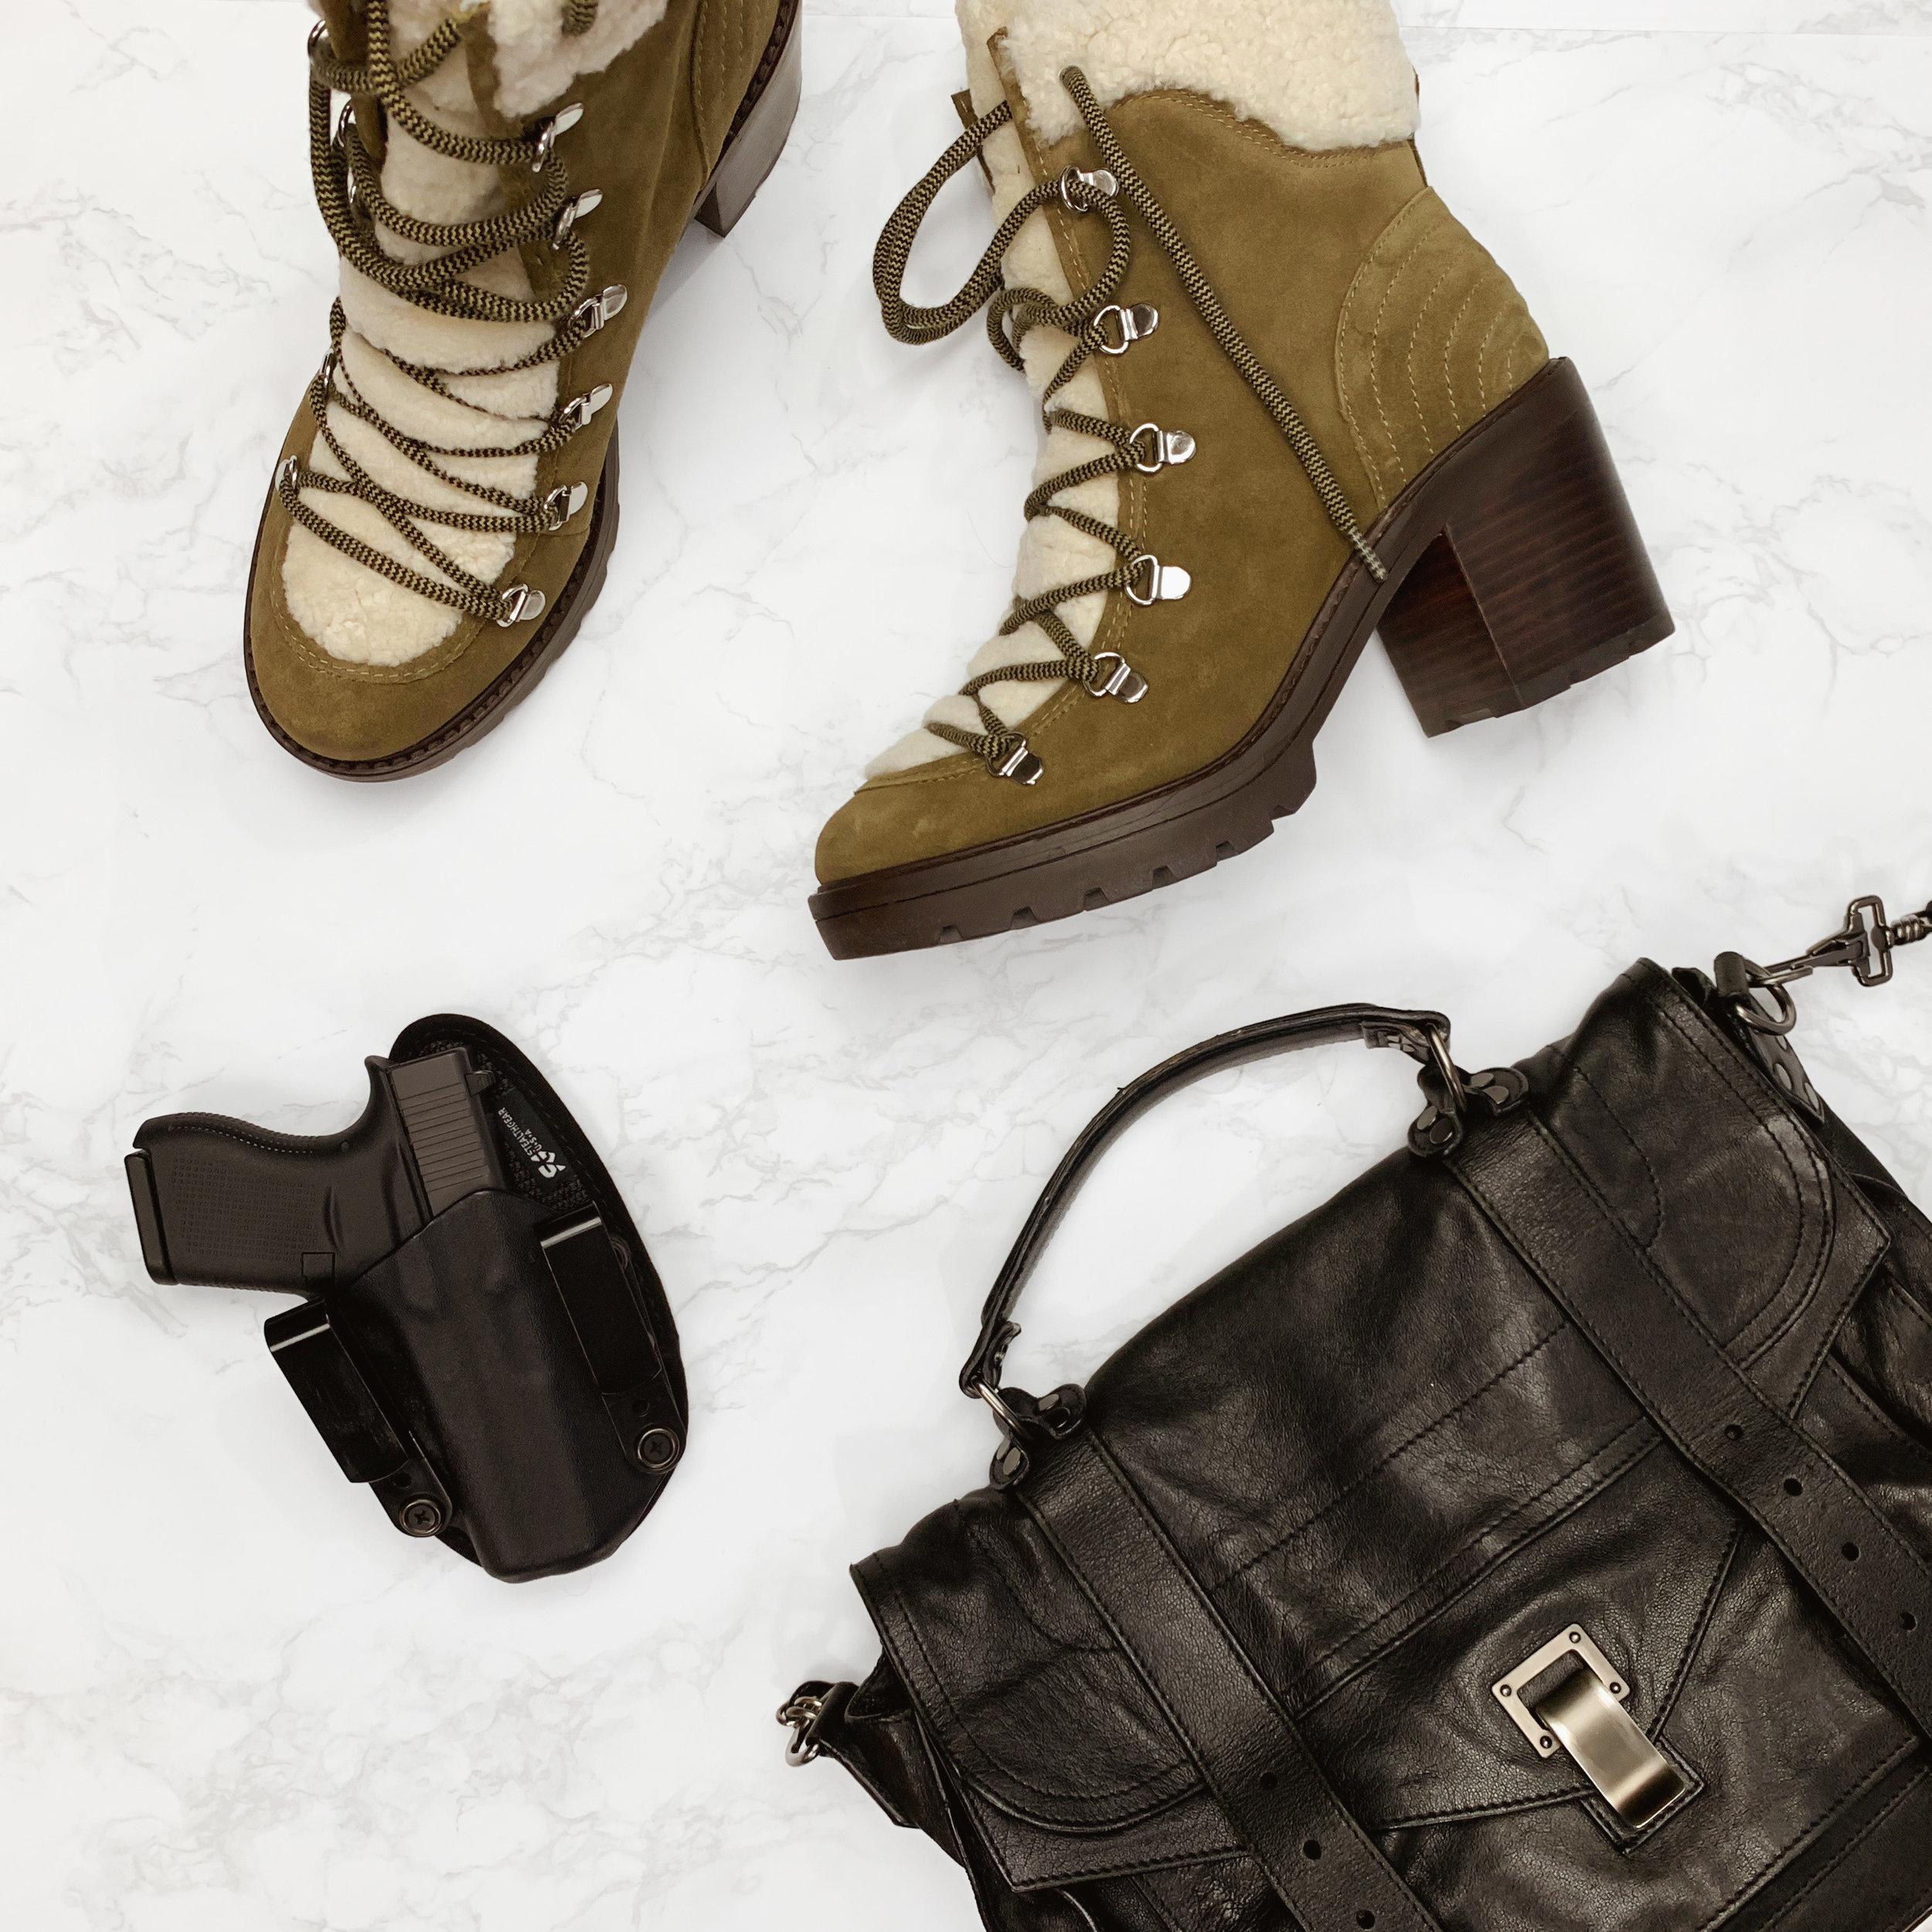 Marc Fisher Boots, Proenza Schouler PS1, Glock 43